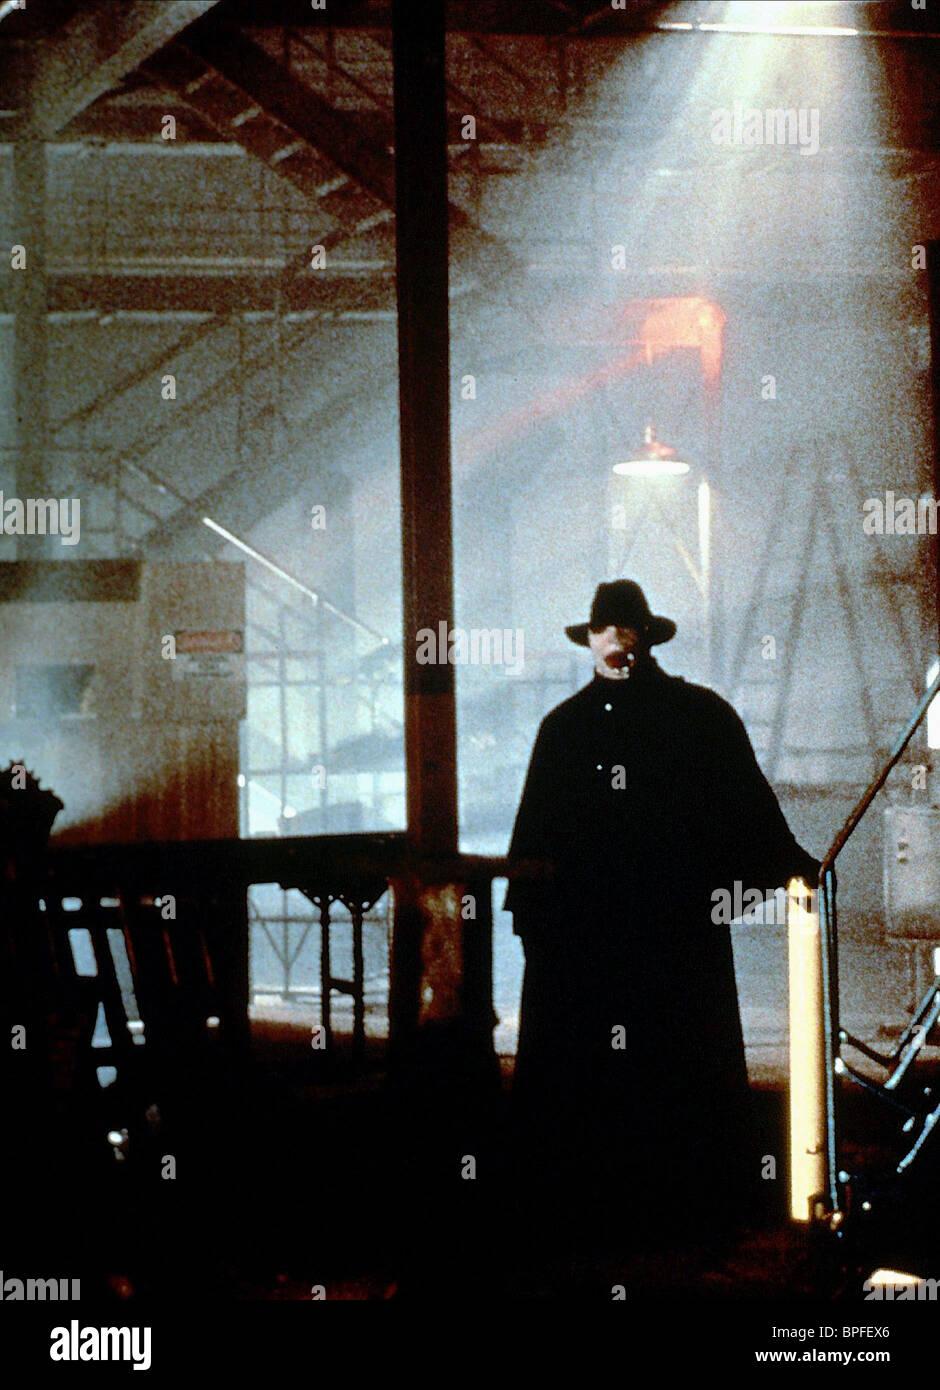 darkman iii die darkman die 1996